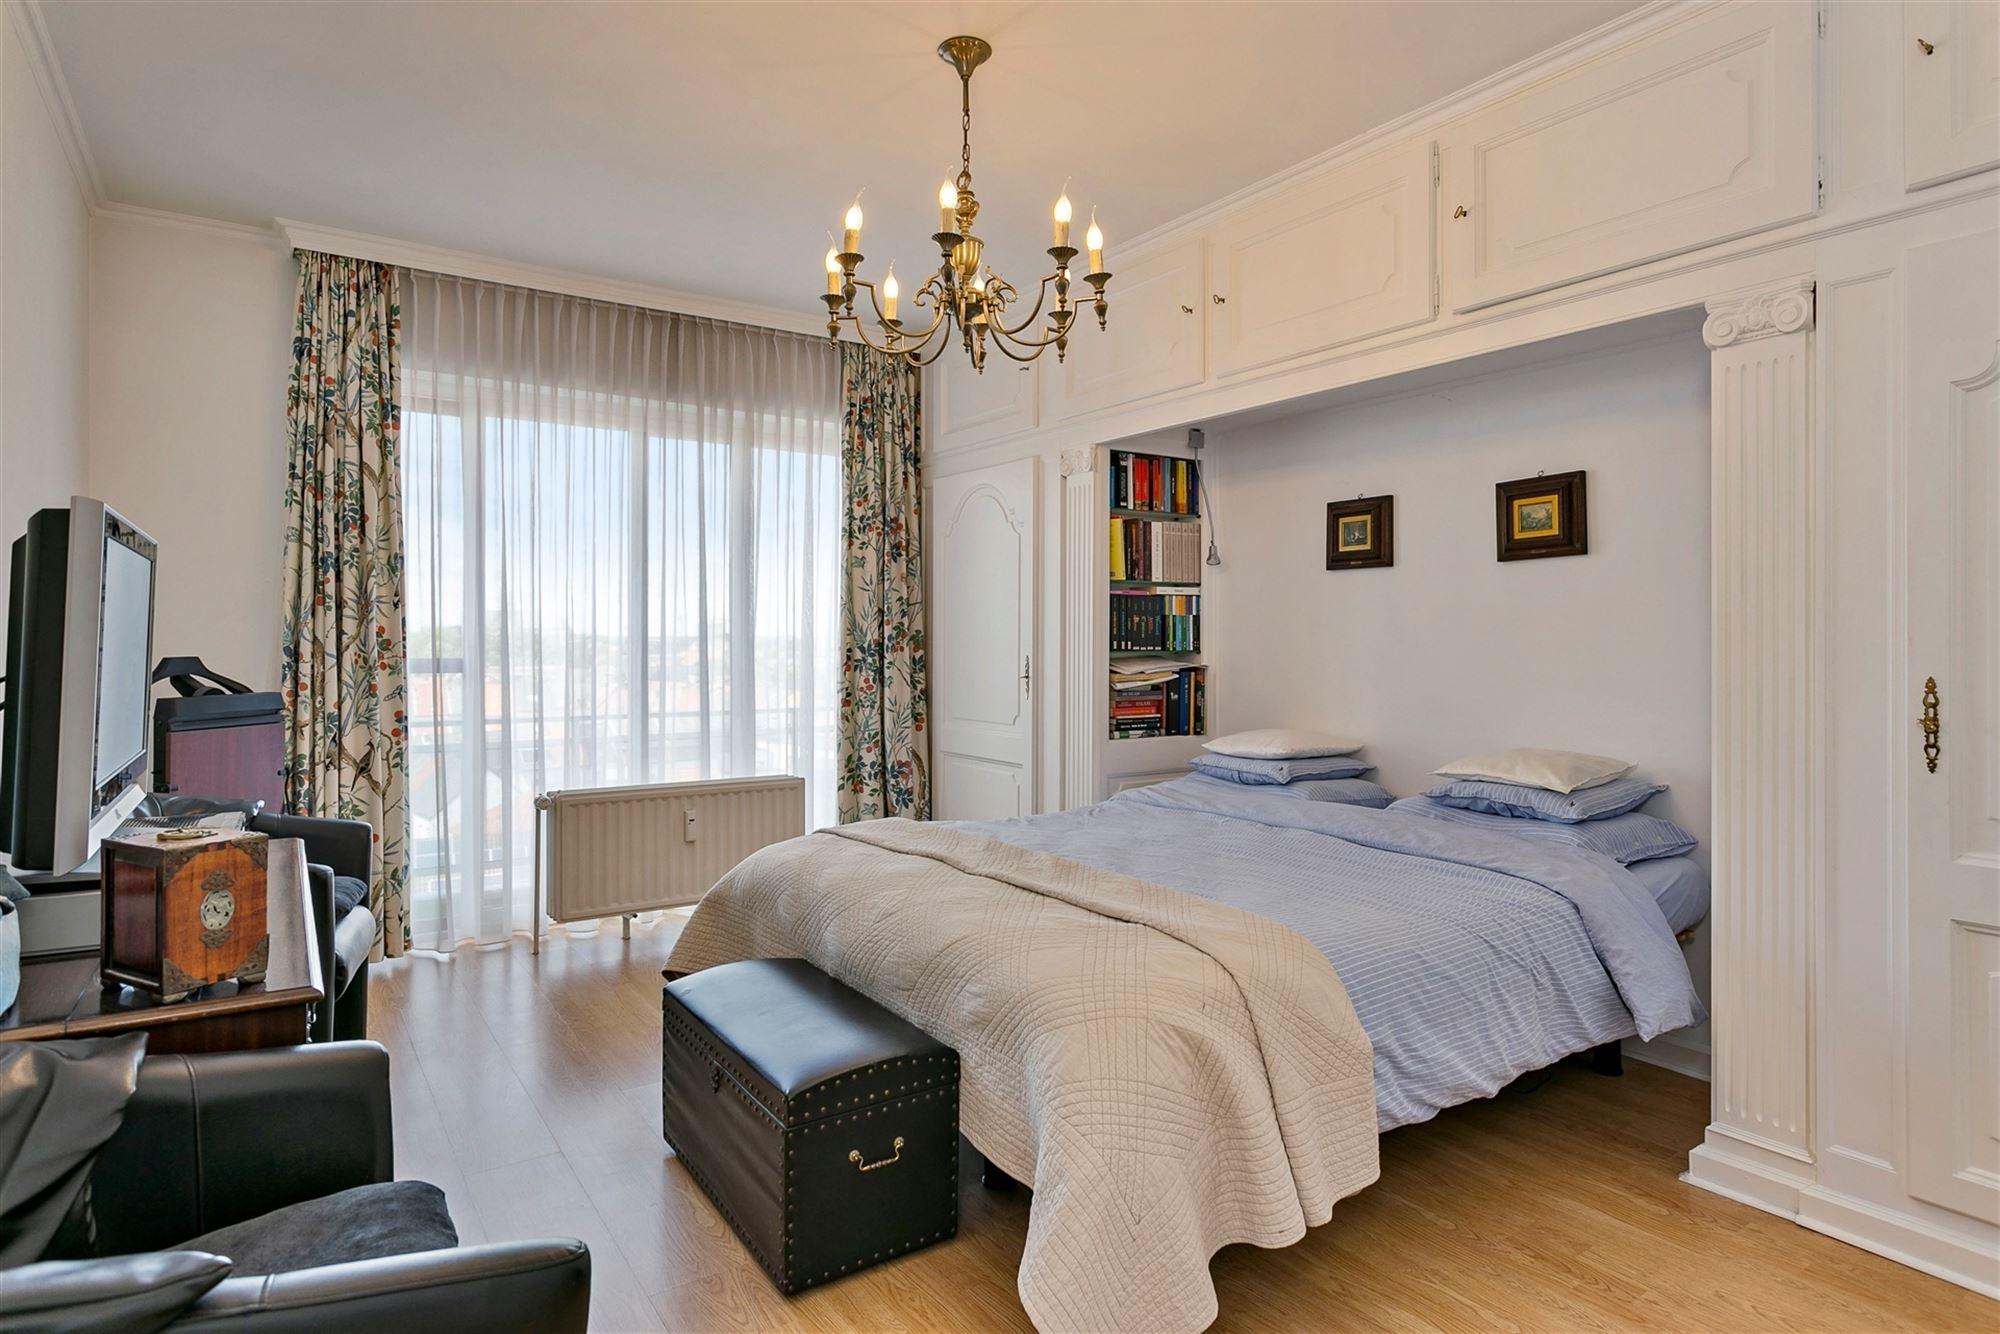 Uitzonderlijk ruim appartement met prachtig zicht op het Aalsters stadspark. Dit appartement is gelegen op de 7e verdieping van een in de loop der jar...